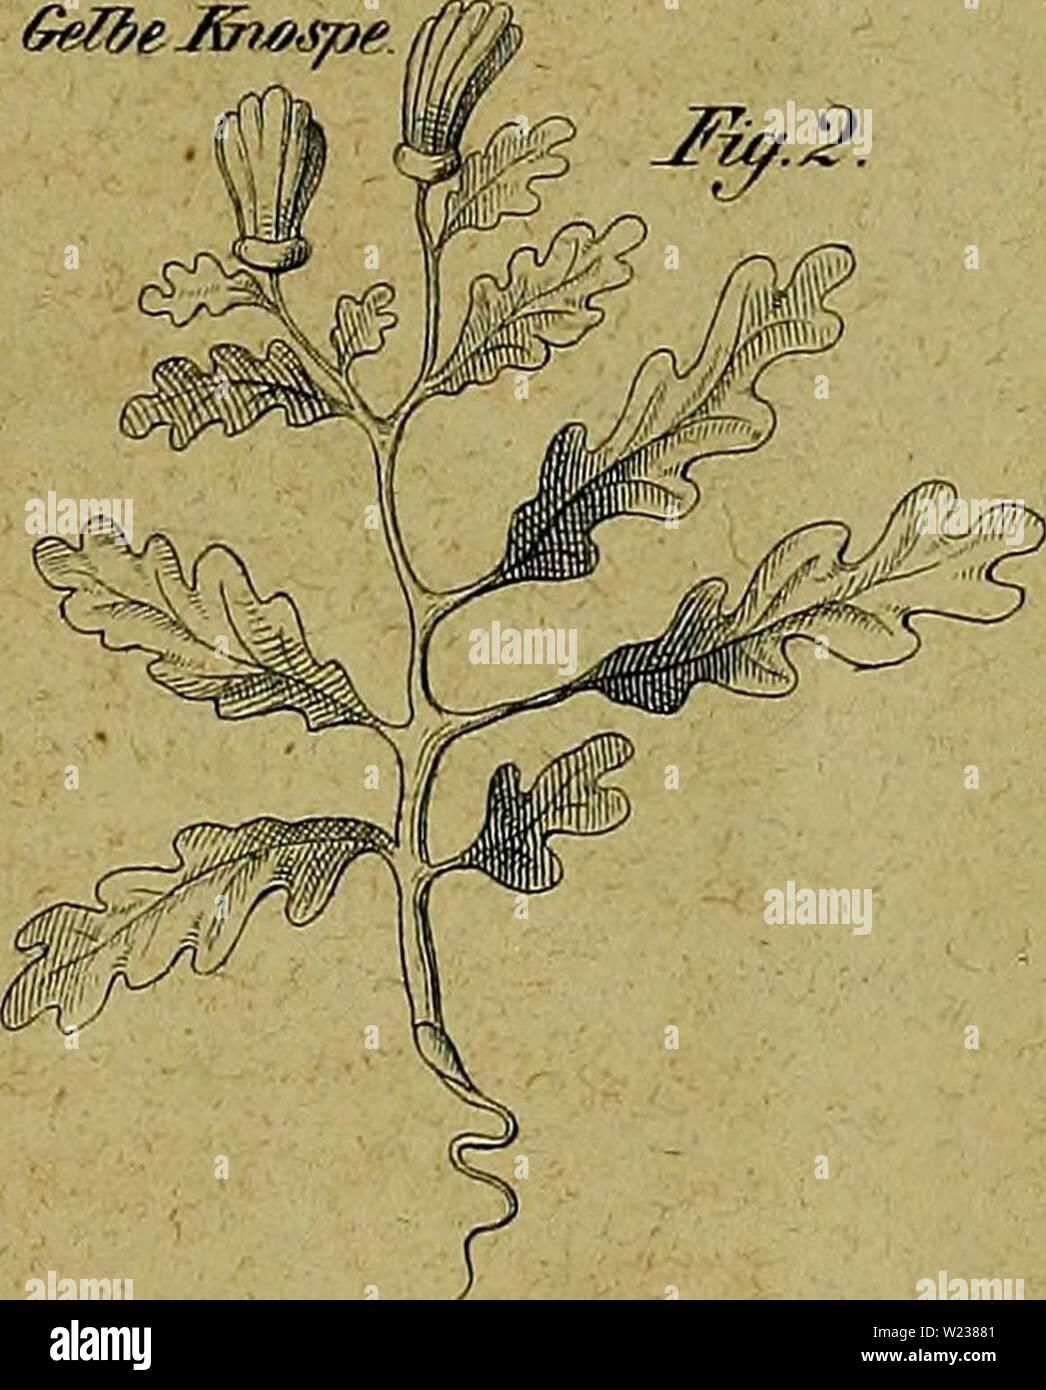 Archiv Bild ab Seite 142 der Kanarienvögel, Sprosser, Nachtigallen, Rothgimpel sterben, Stockbild